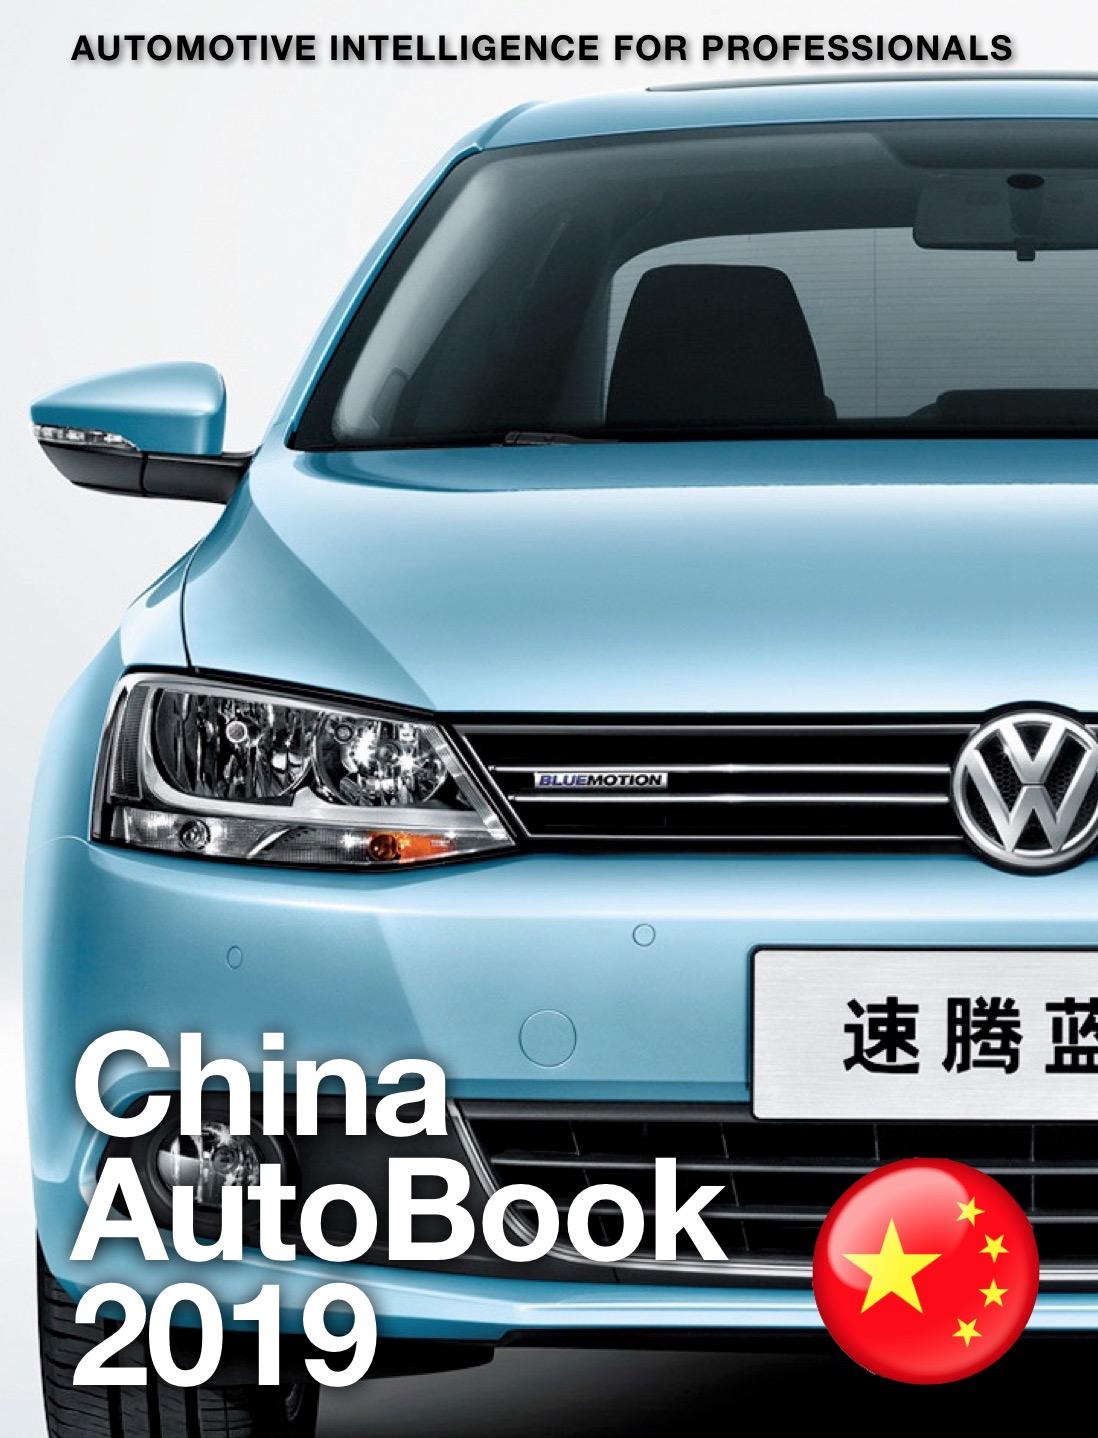 China AutoBook 2018 1027x1340.jpg